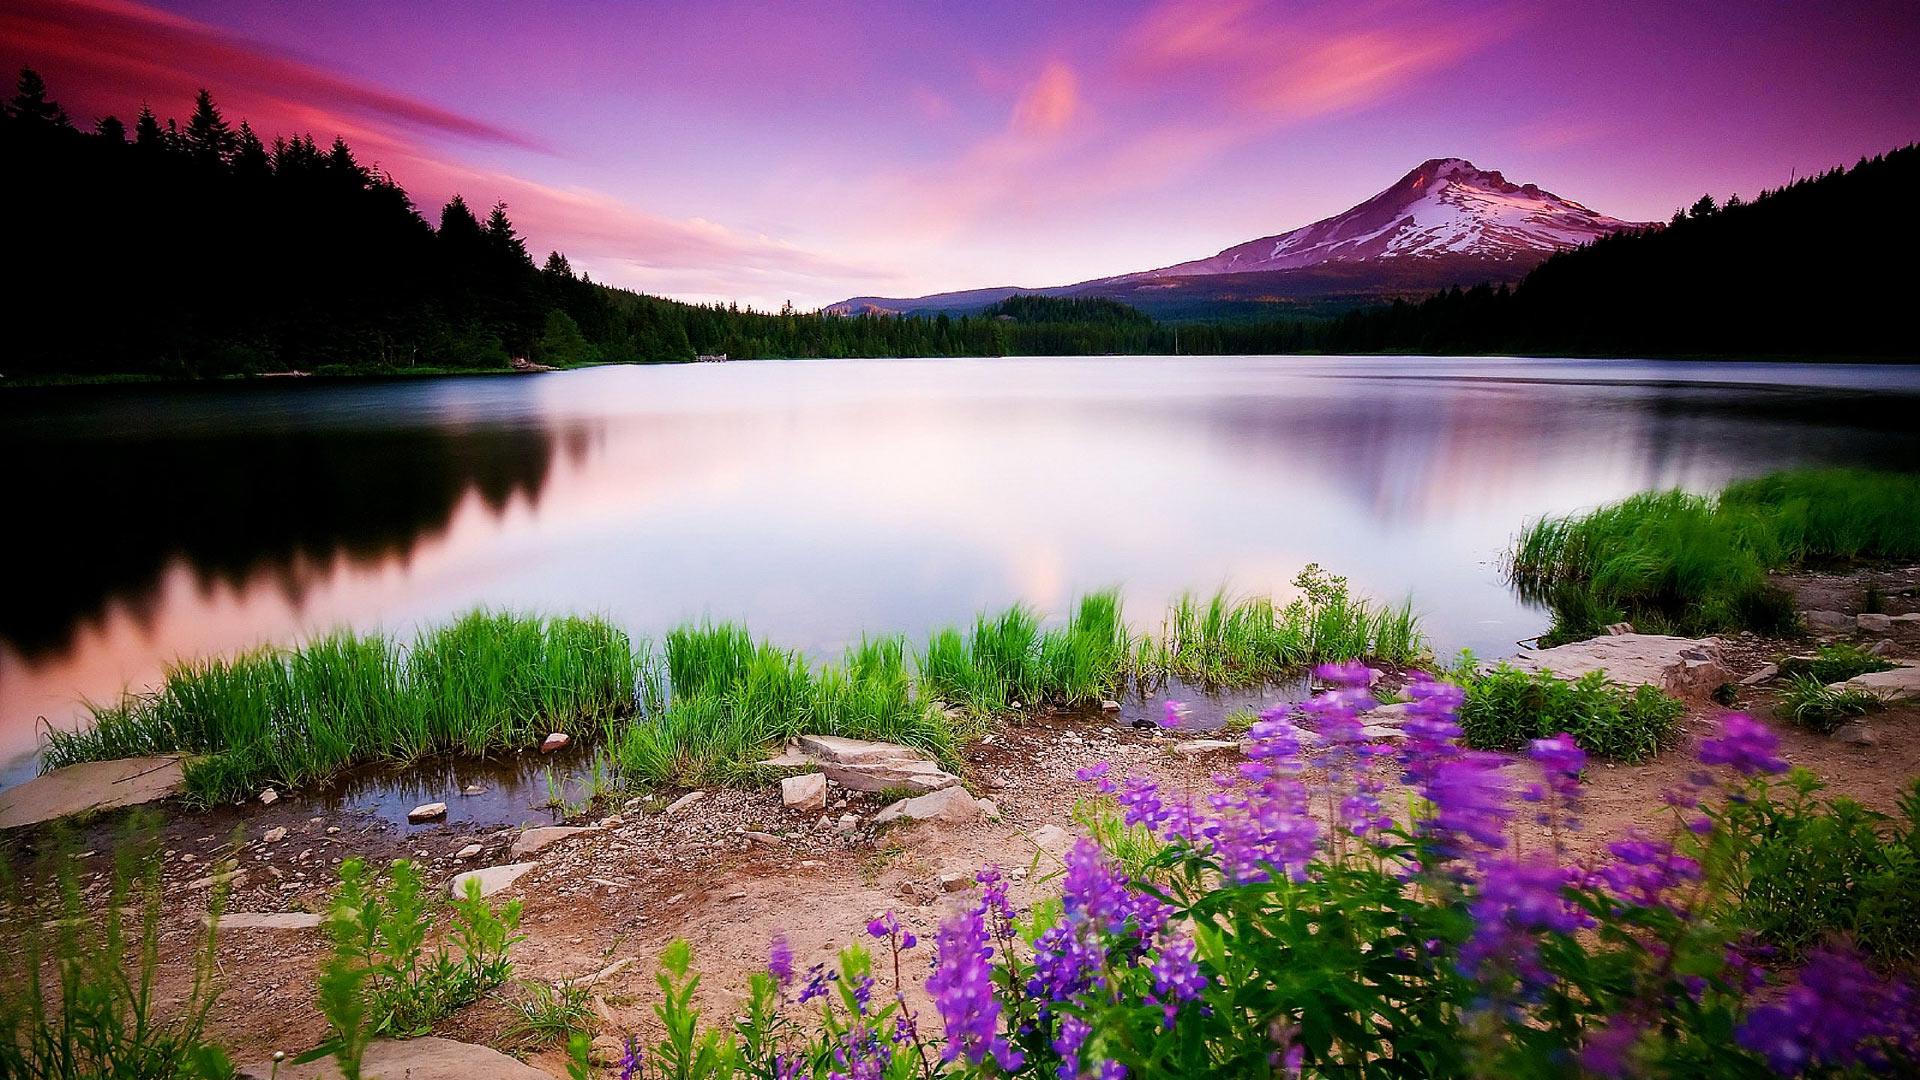 озеро без смс